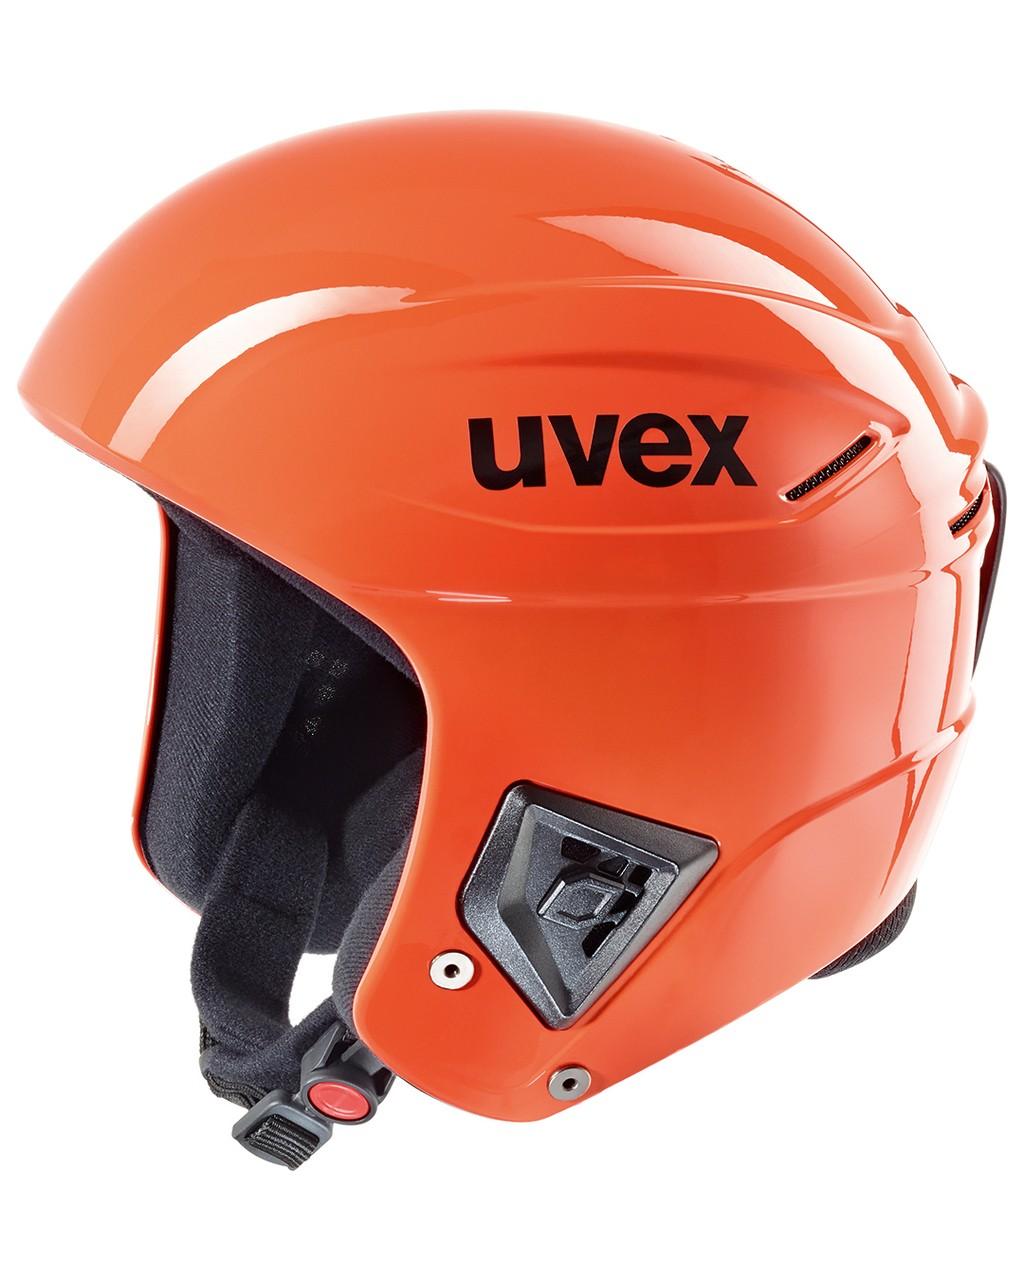 fis uvex race + orange